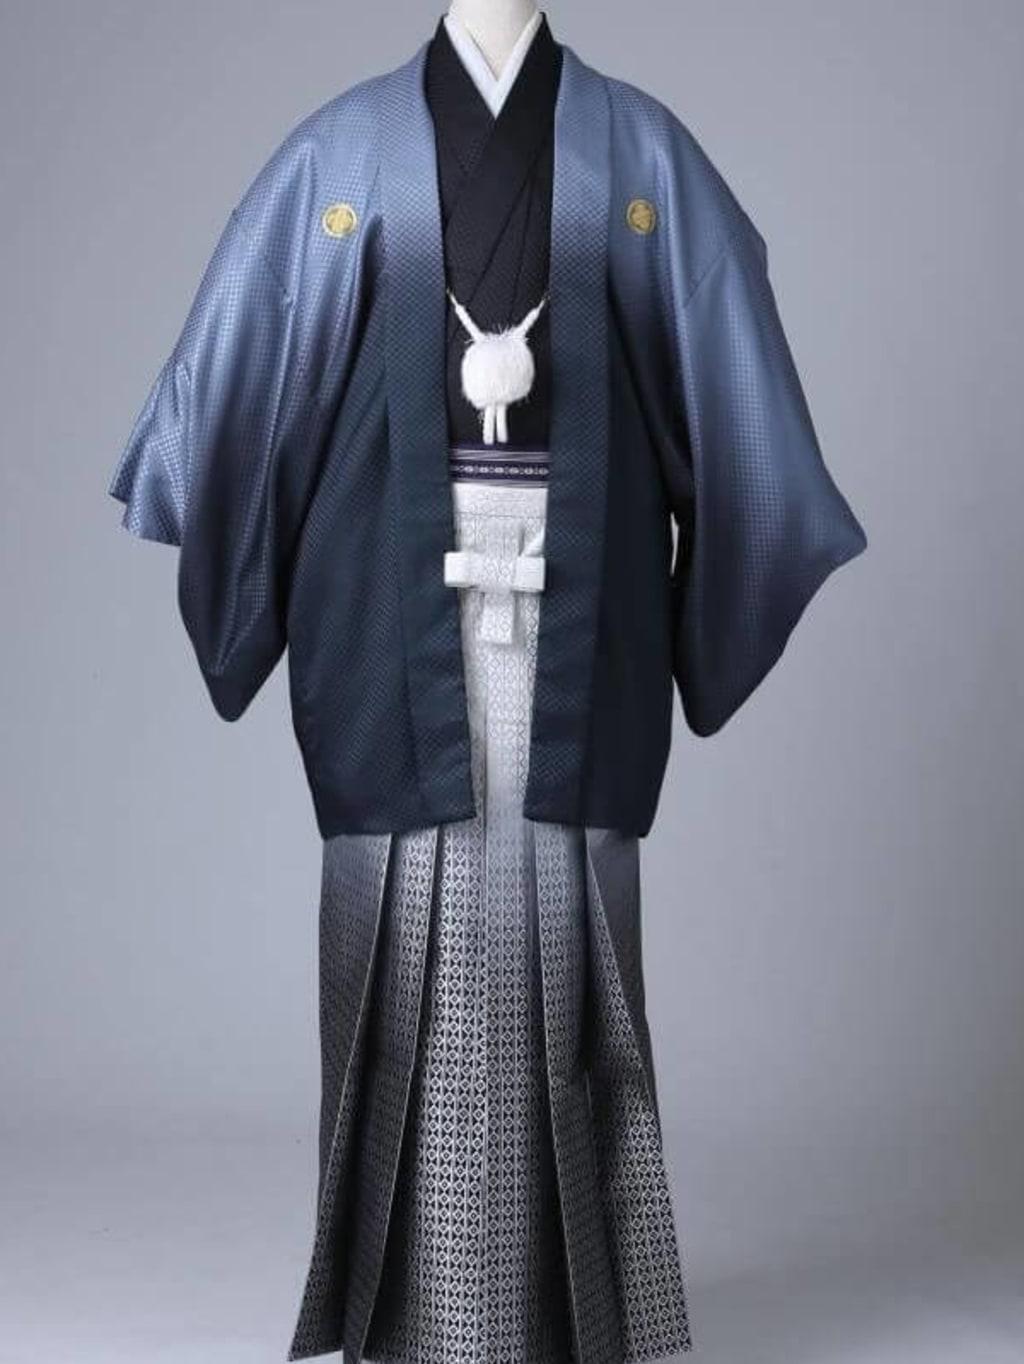 シルバーグラデーション紋服 グラデーション袴_横浜店